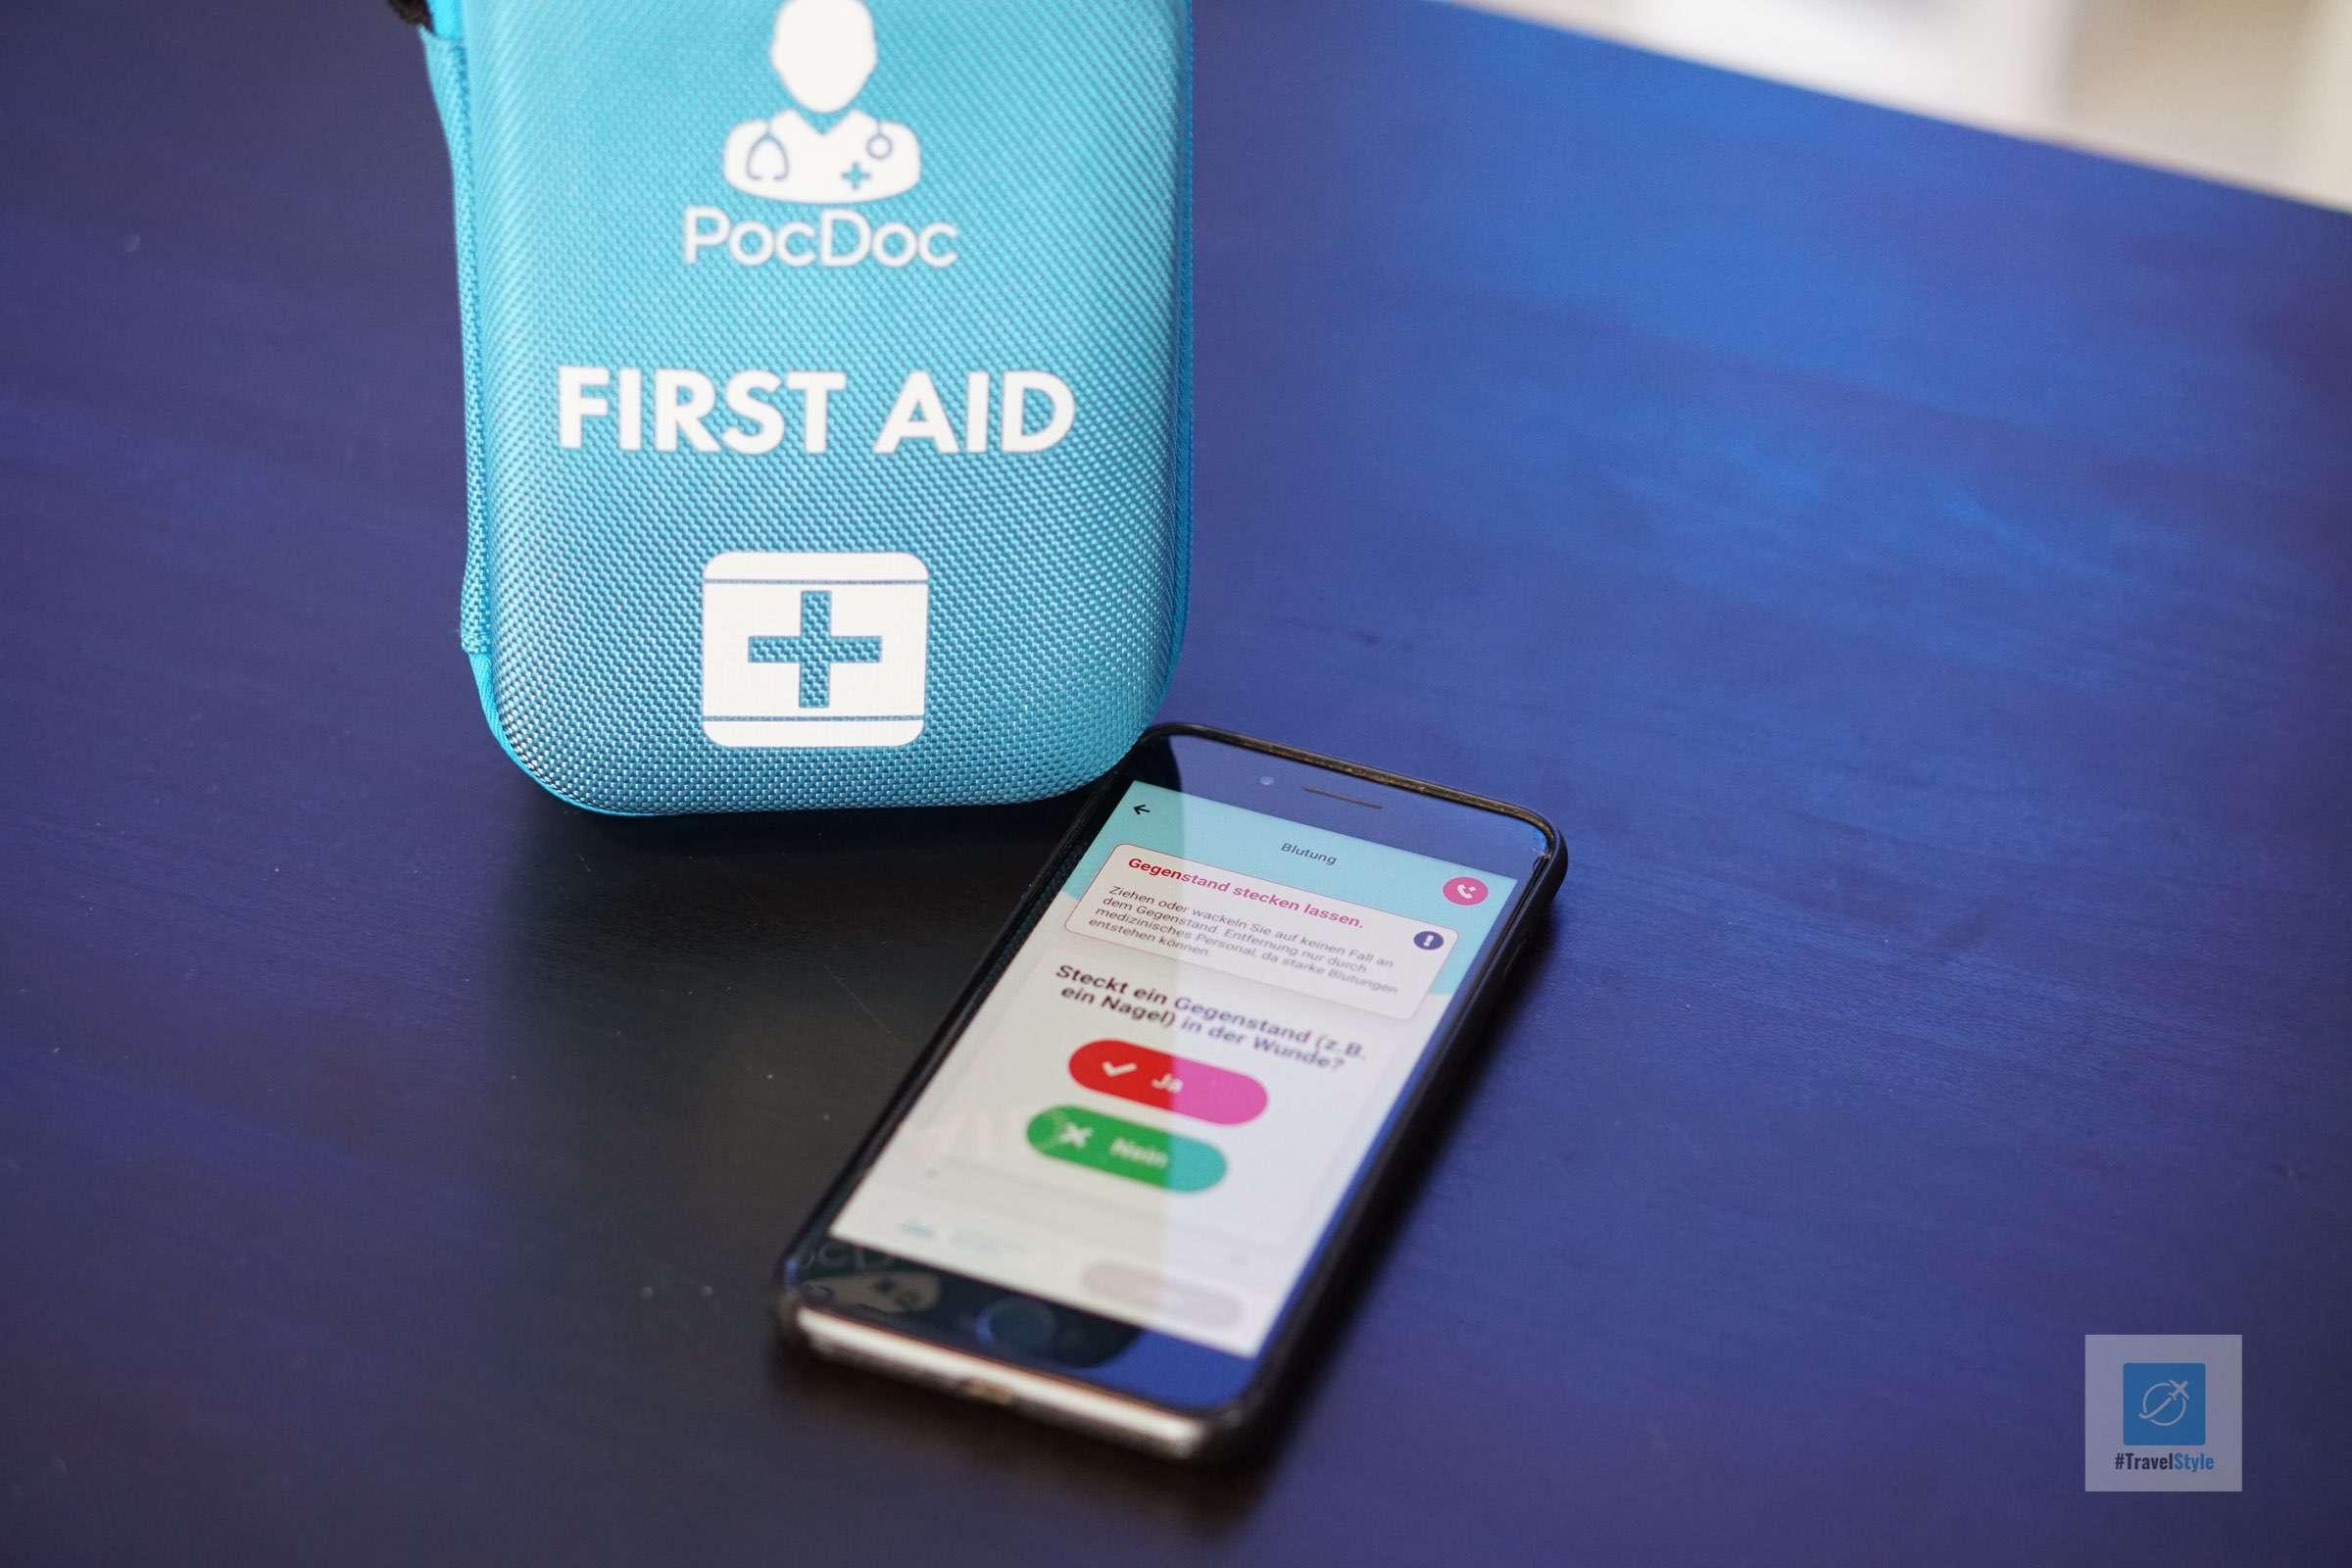 Einfache App für schnelle Hilfe